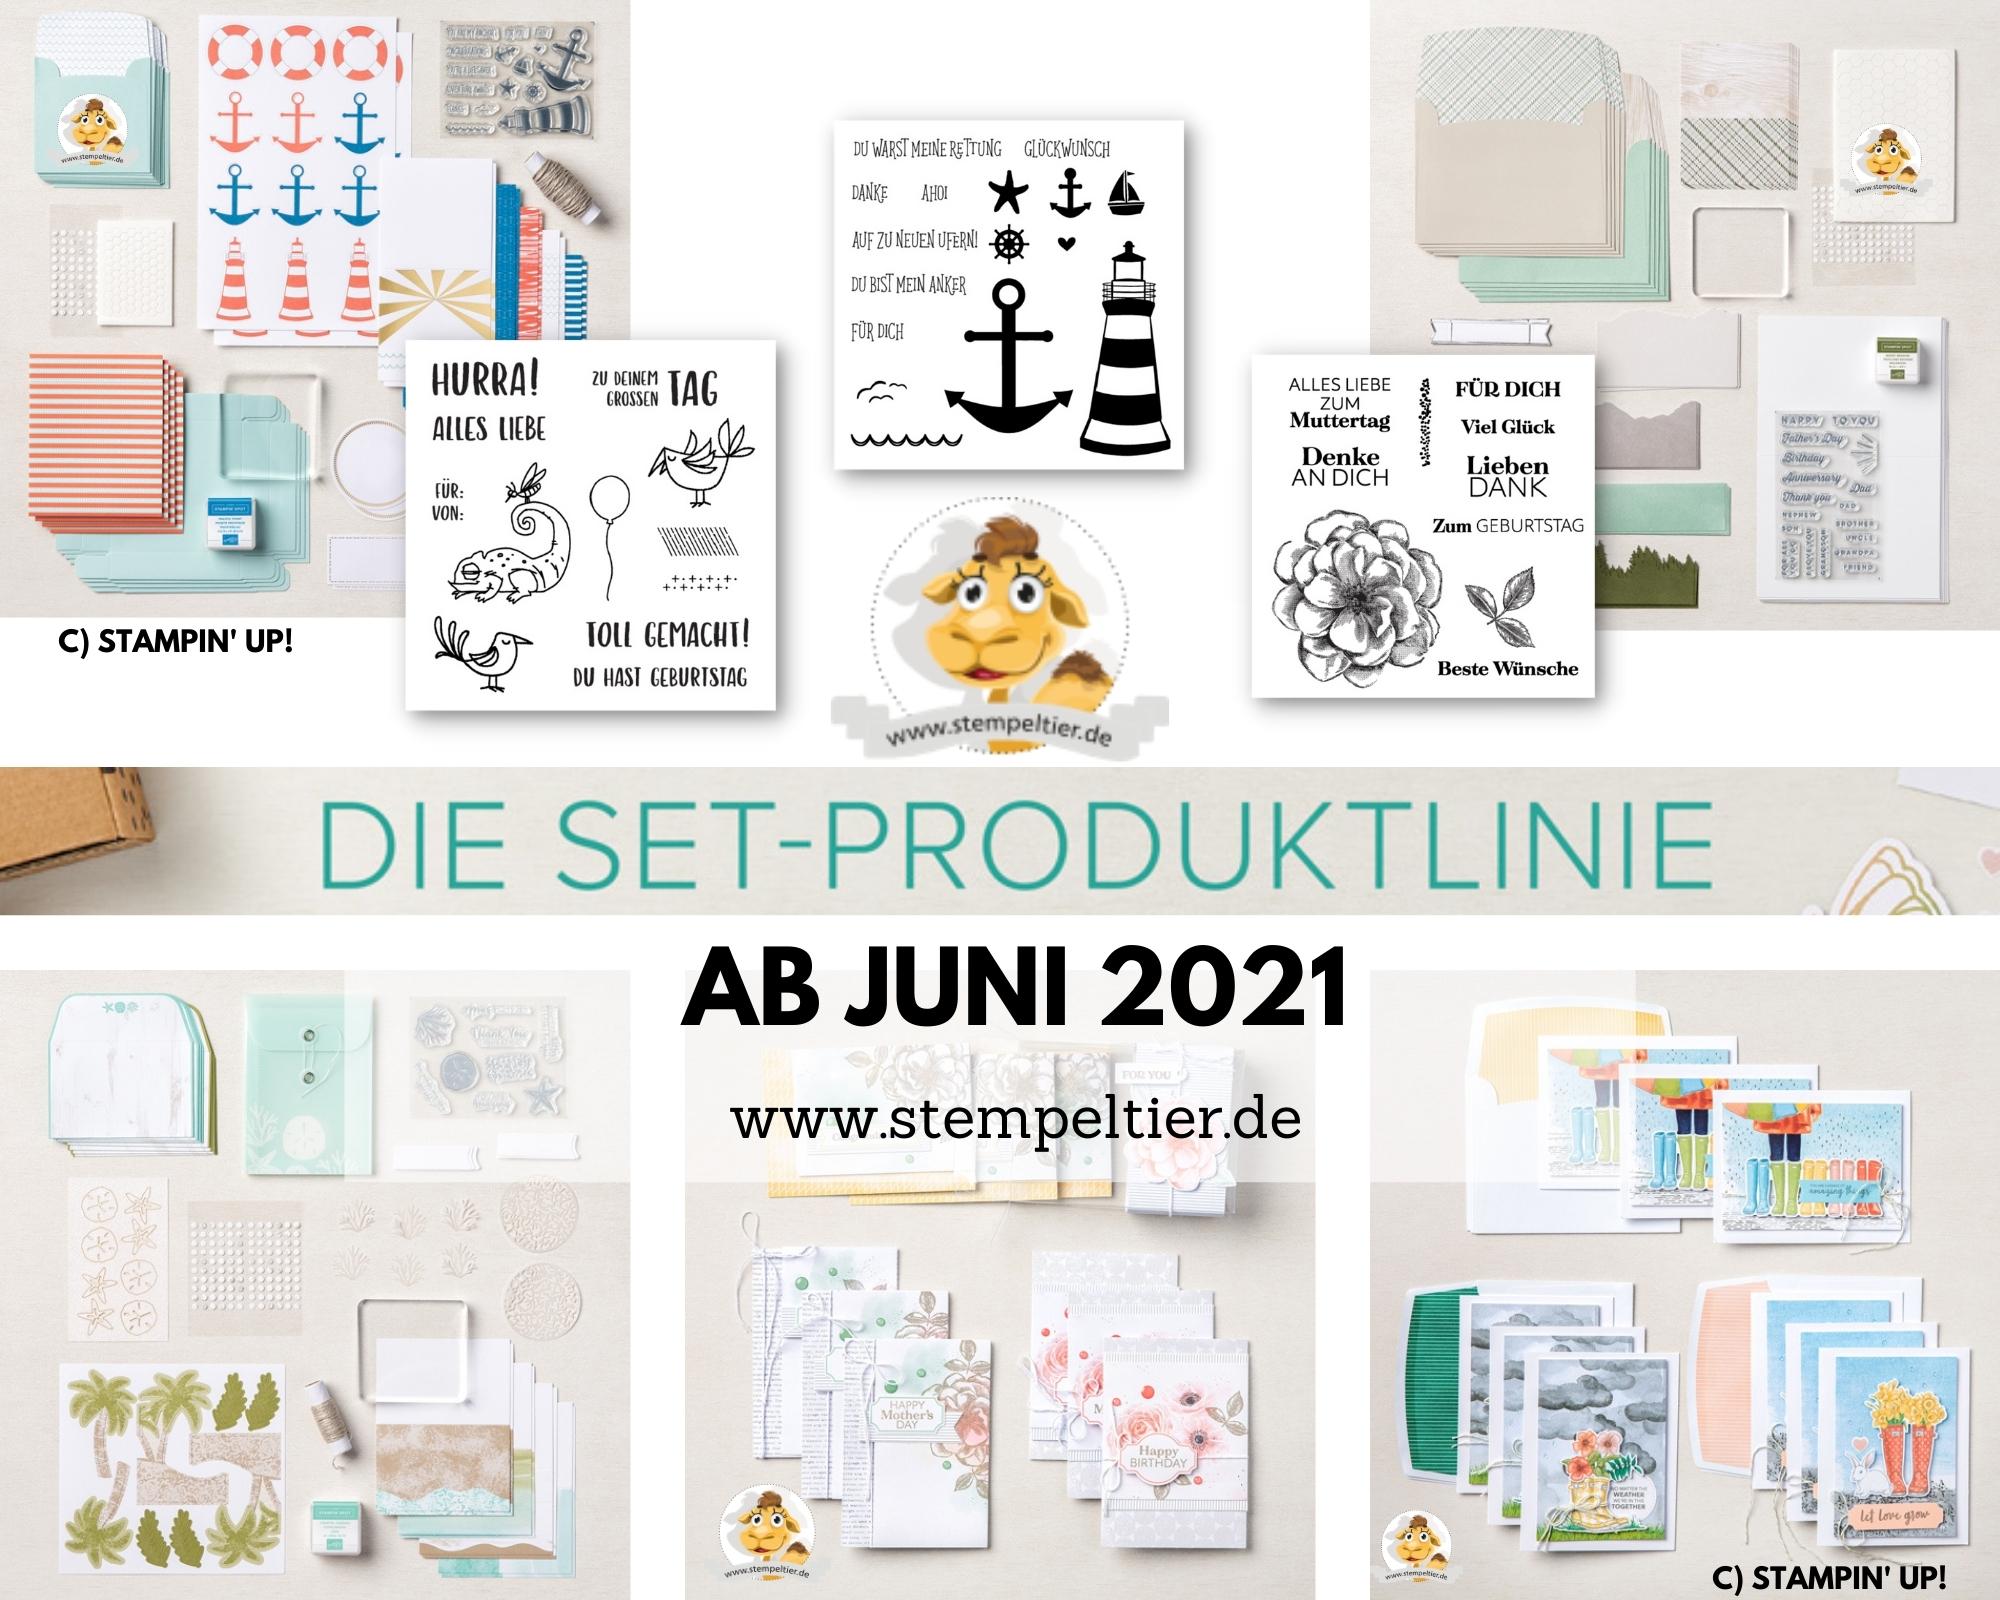 stampin up sets KITS bestellen Ab Juni 2021